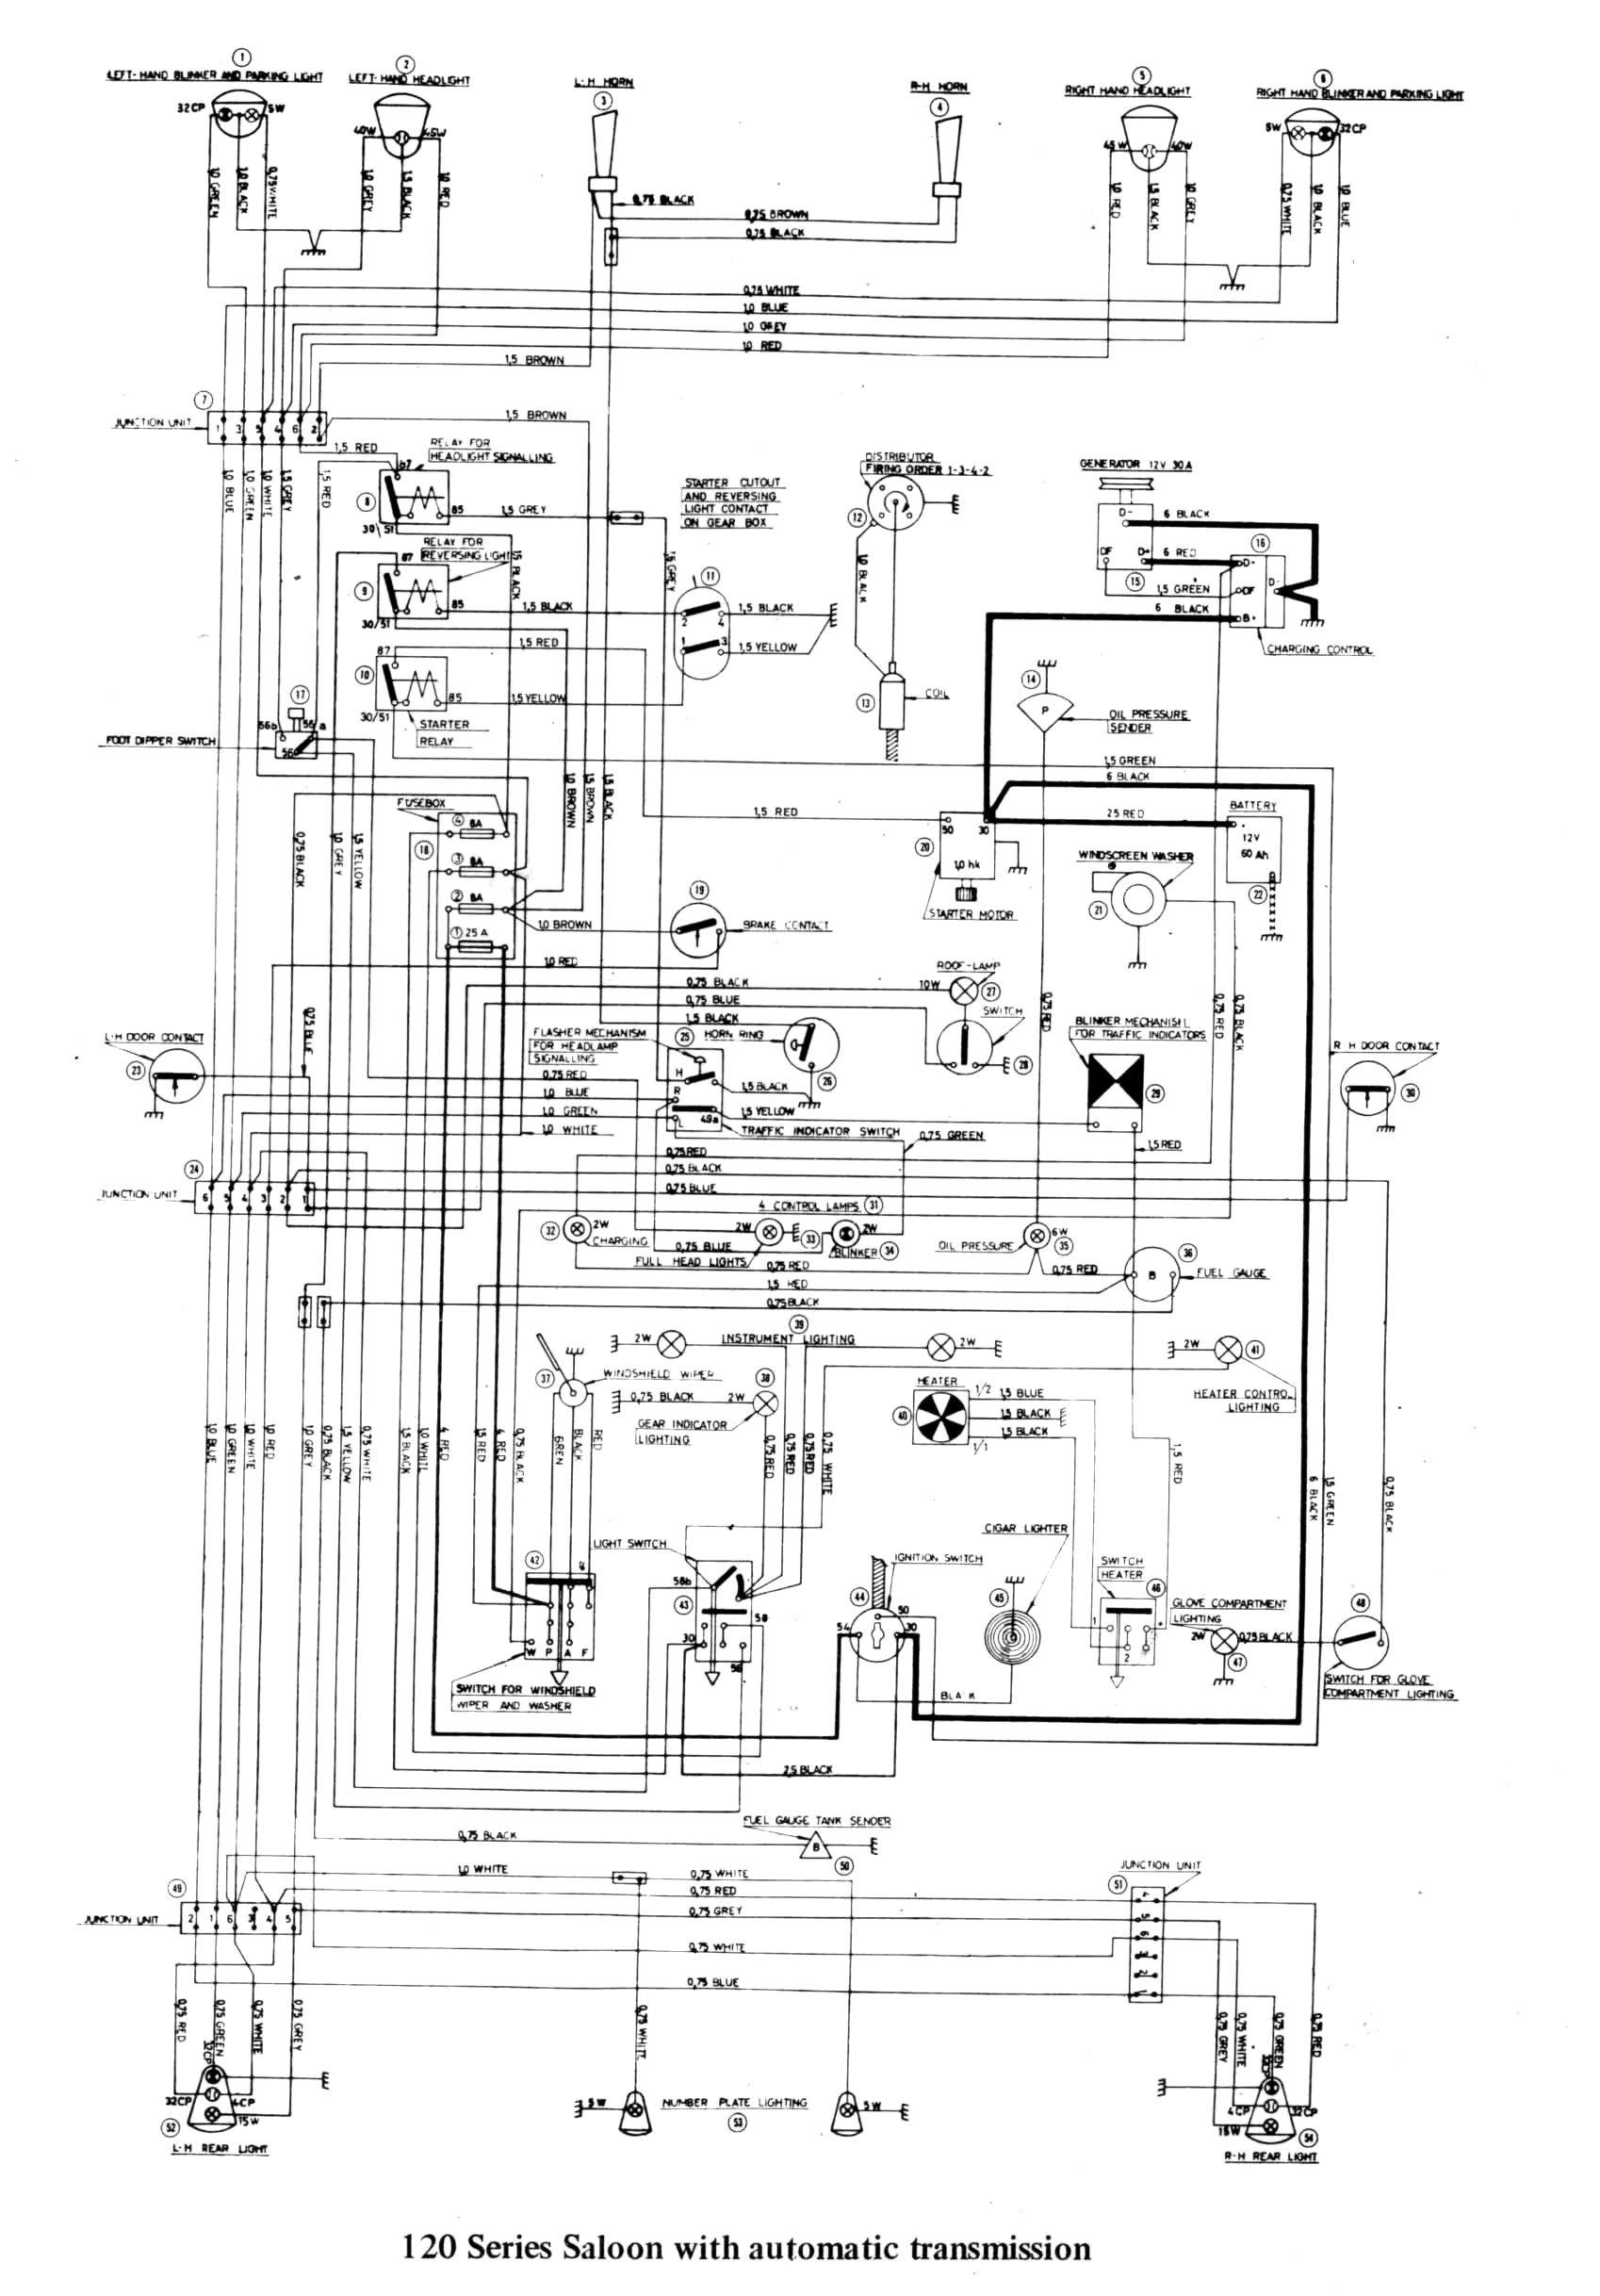 22 Stunning Free Vehicle Wiring Diagrams ,  https://bacamajalah.com/22-stunning-free-vehicle-wiring-dia… | Electrical wiring  diagram, Trailer wiring diagram, DiagramPinterest